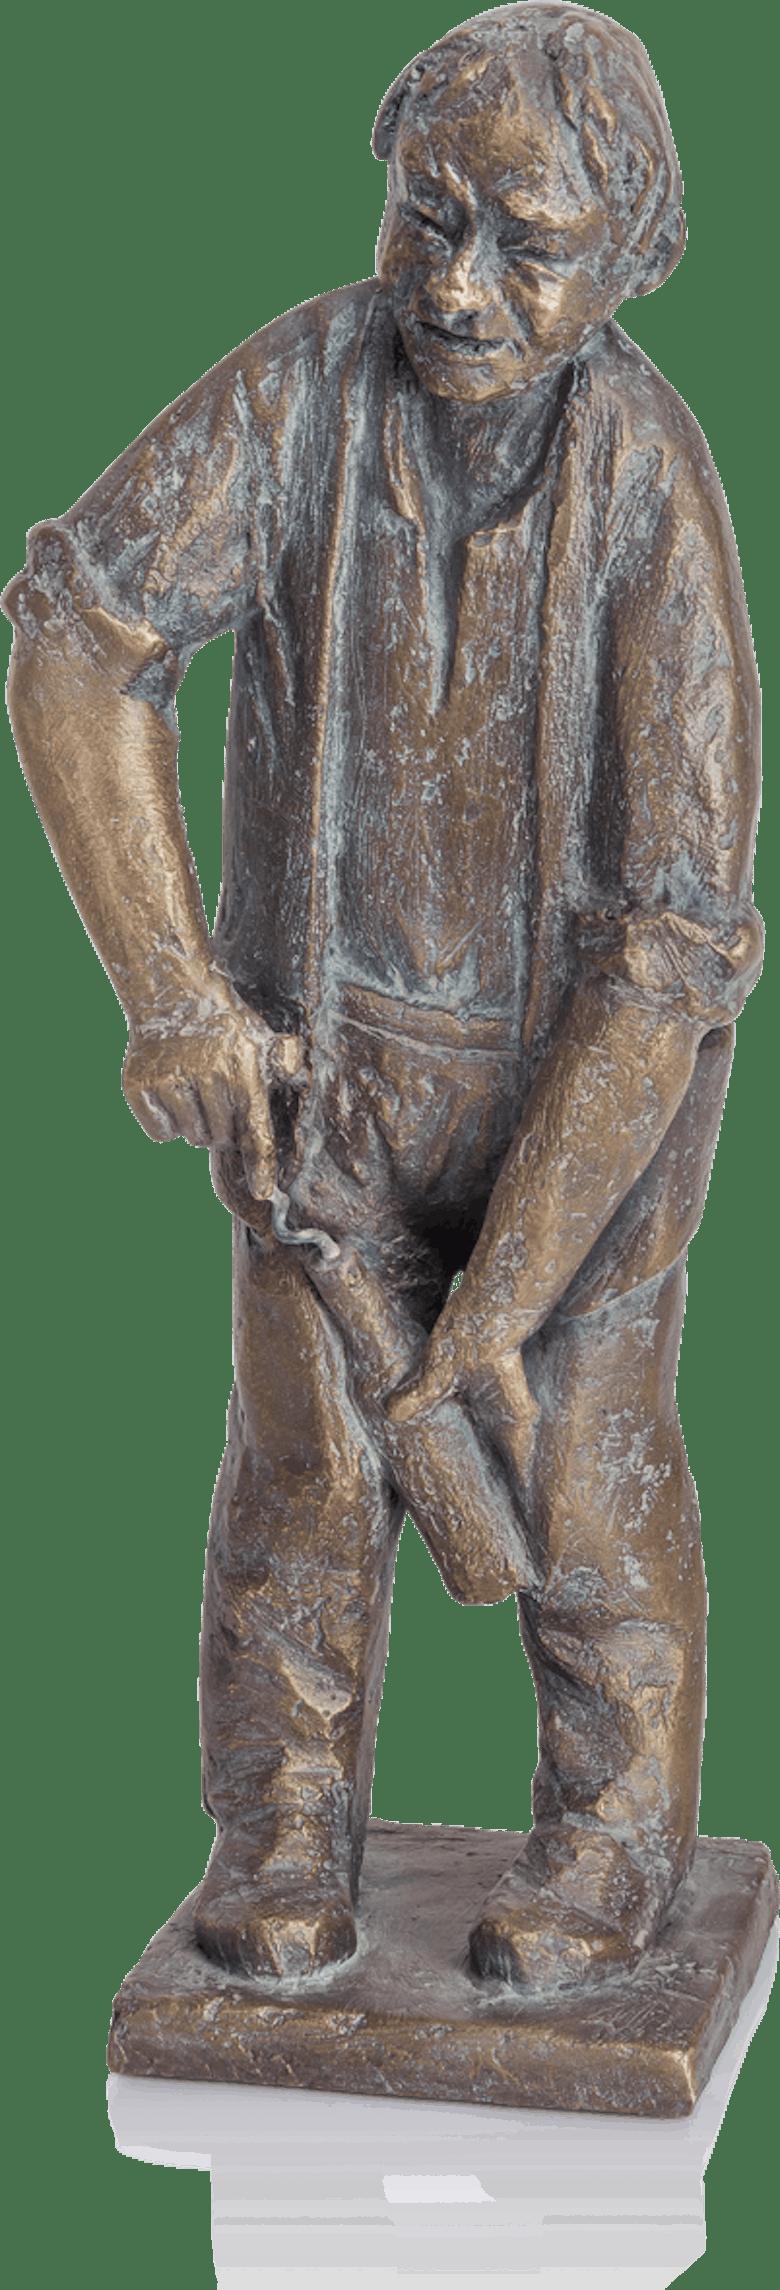 Bronzefigur Korkenzieher von Theophil Steinbrenner